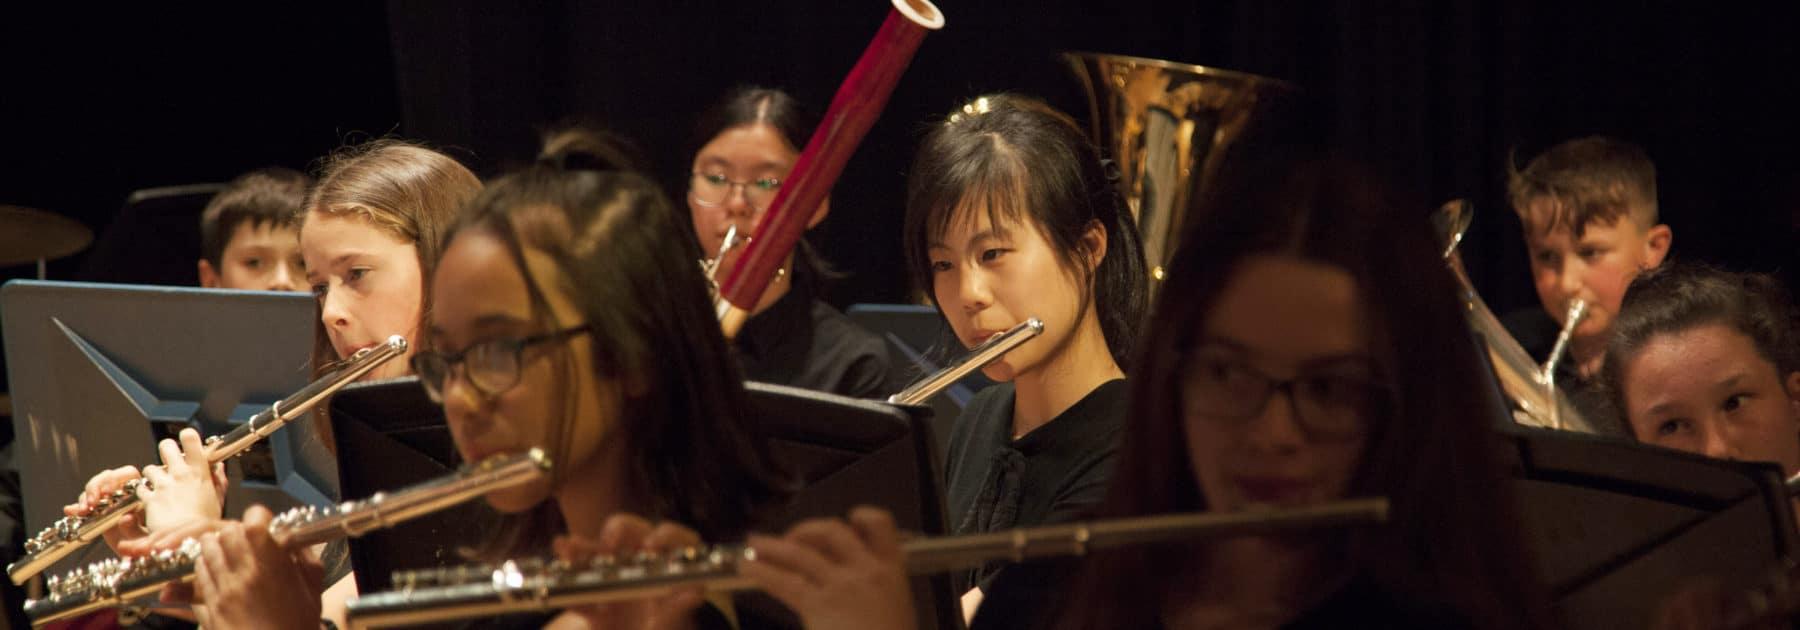 Lower School Concert